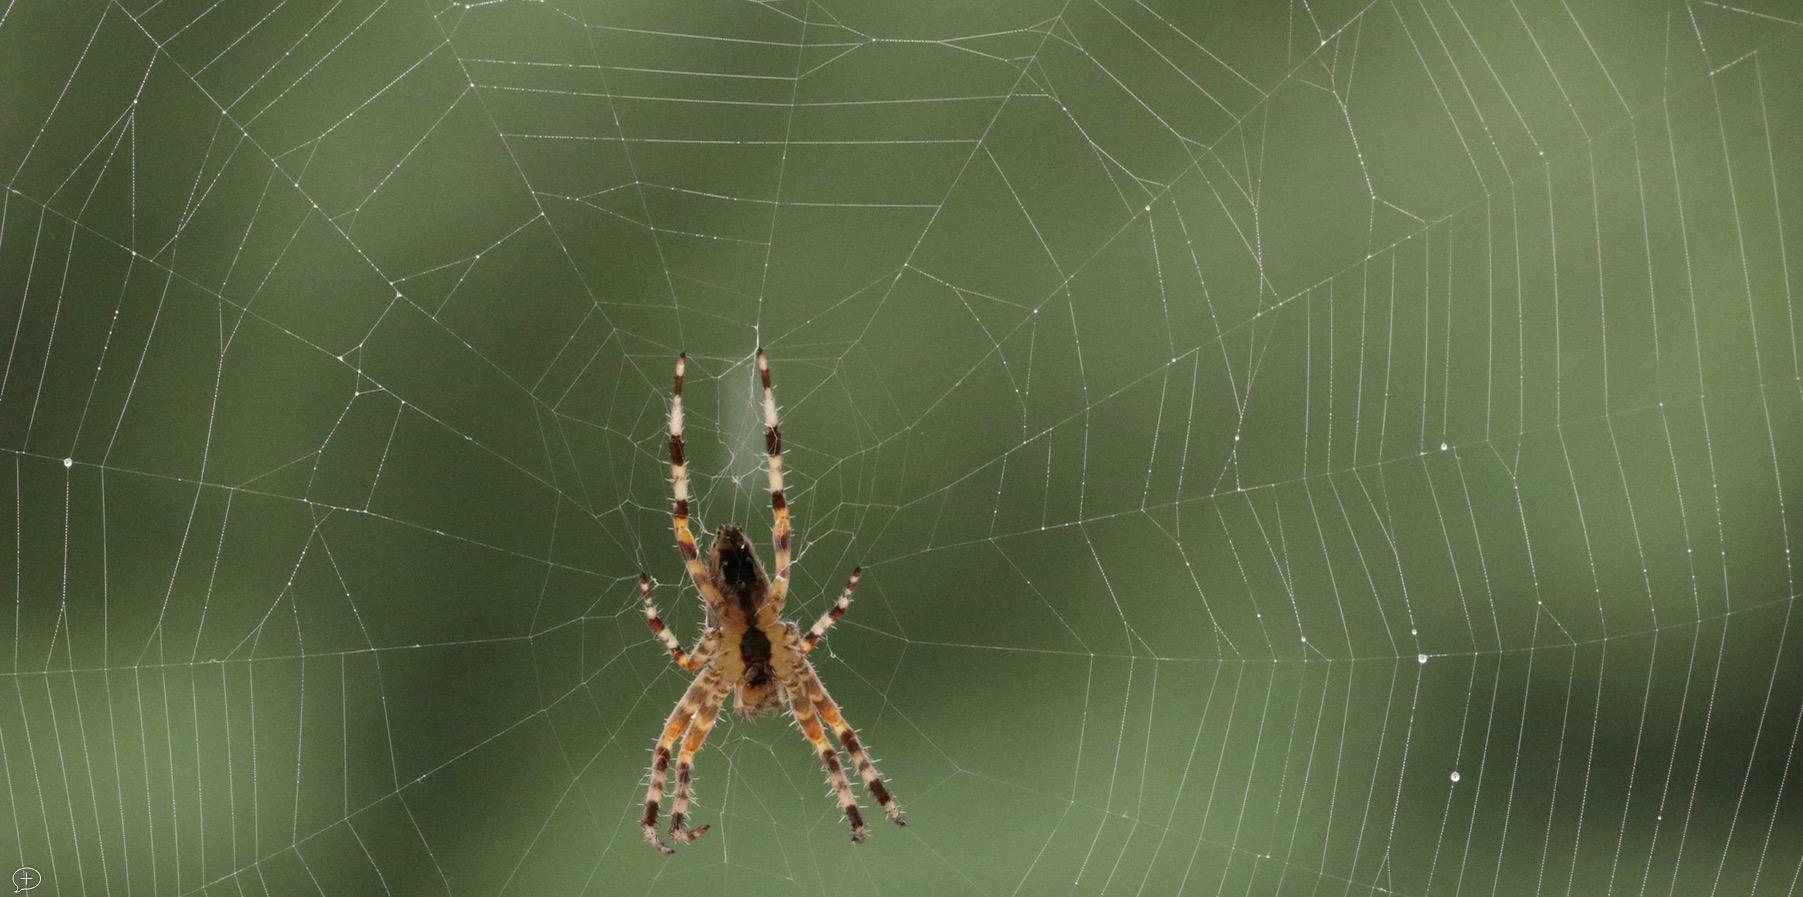 Spider's Web. ©2018 Sean Walmsley